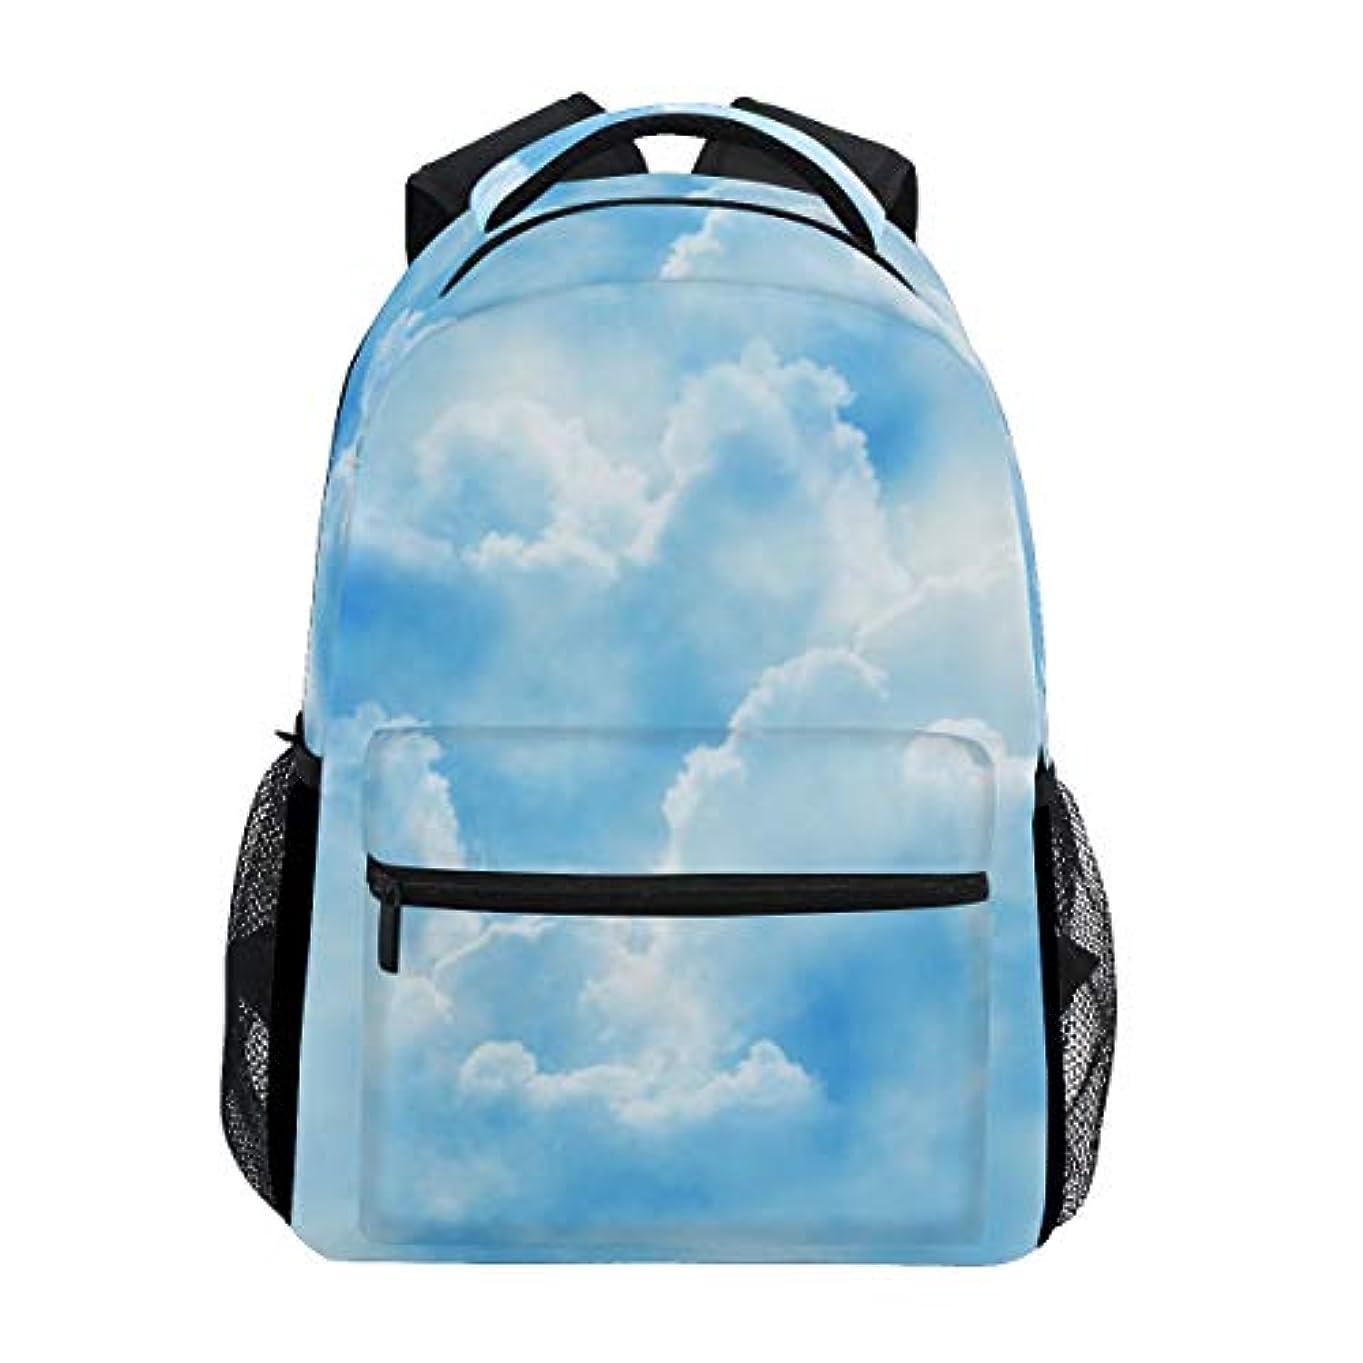 作家貝殻オーラルAnmumi リュックサック 学生 リュック 高校生 レディース バックパック 子供 青空 雲 大容量 通学 通勤リュック メンズ デイパック おしゃれ 人気 軽量 かわいい